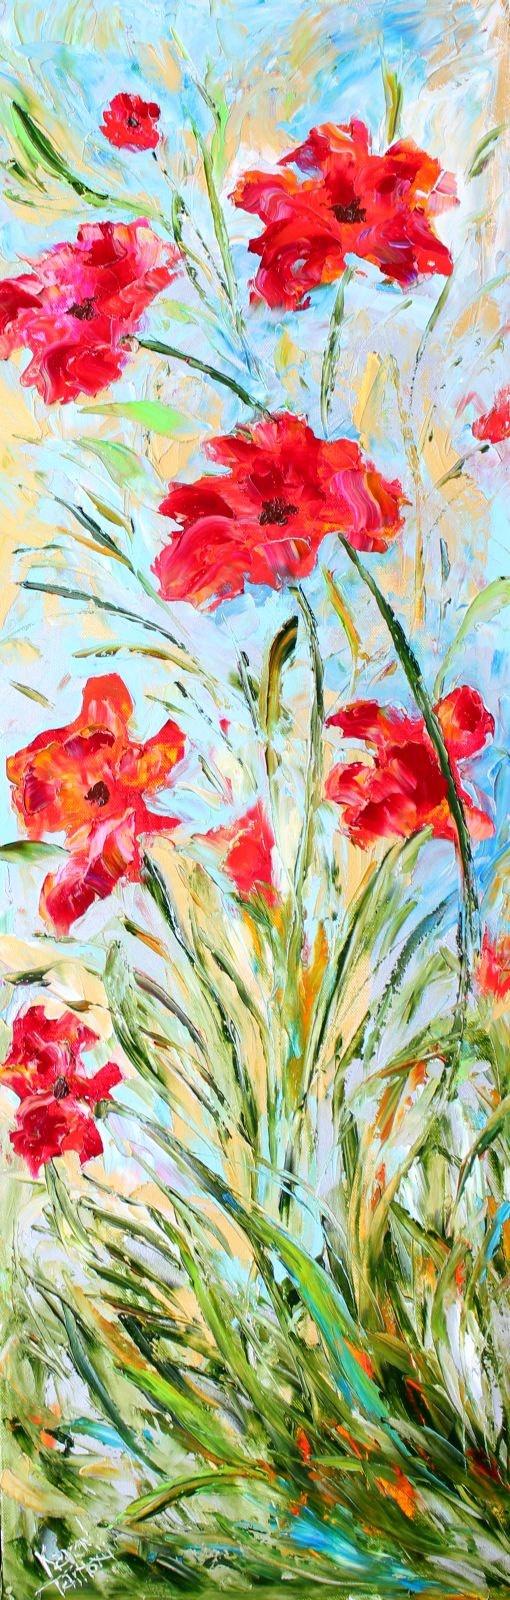 Landscape painting original oil Poppy Dance by Karensfineart